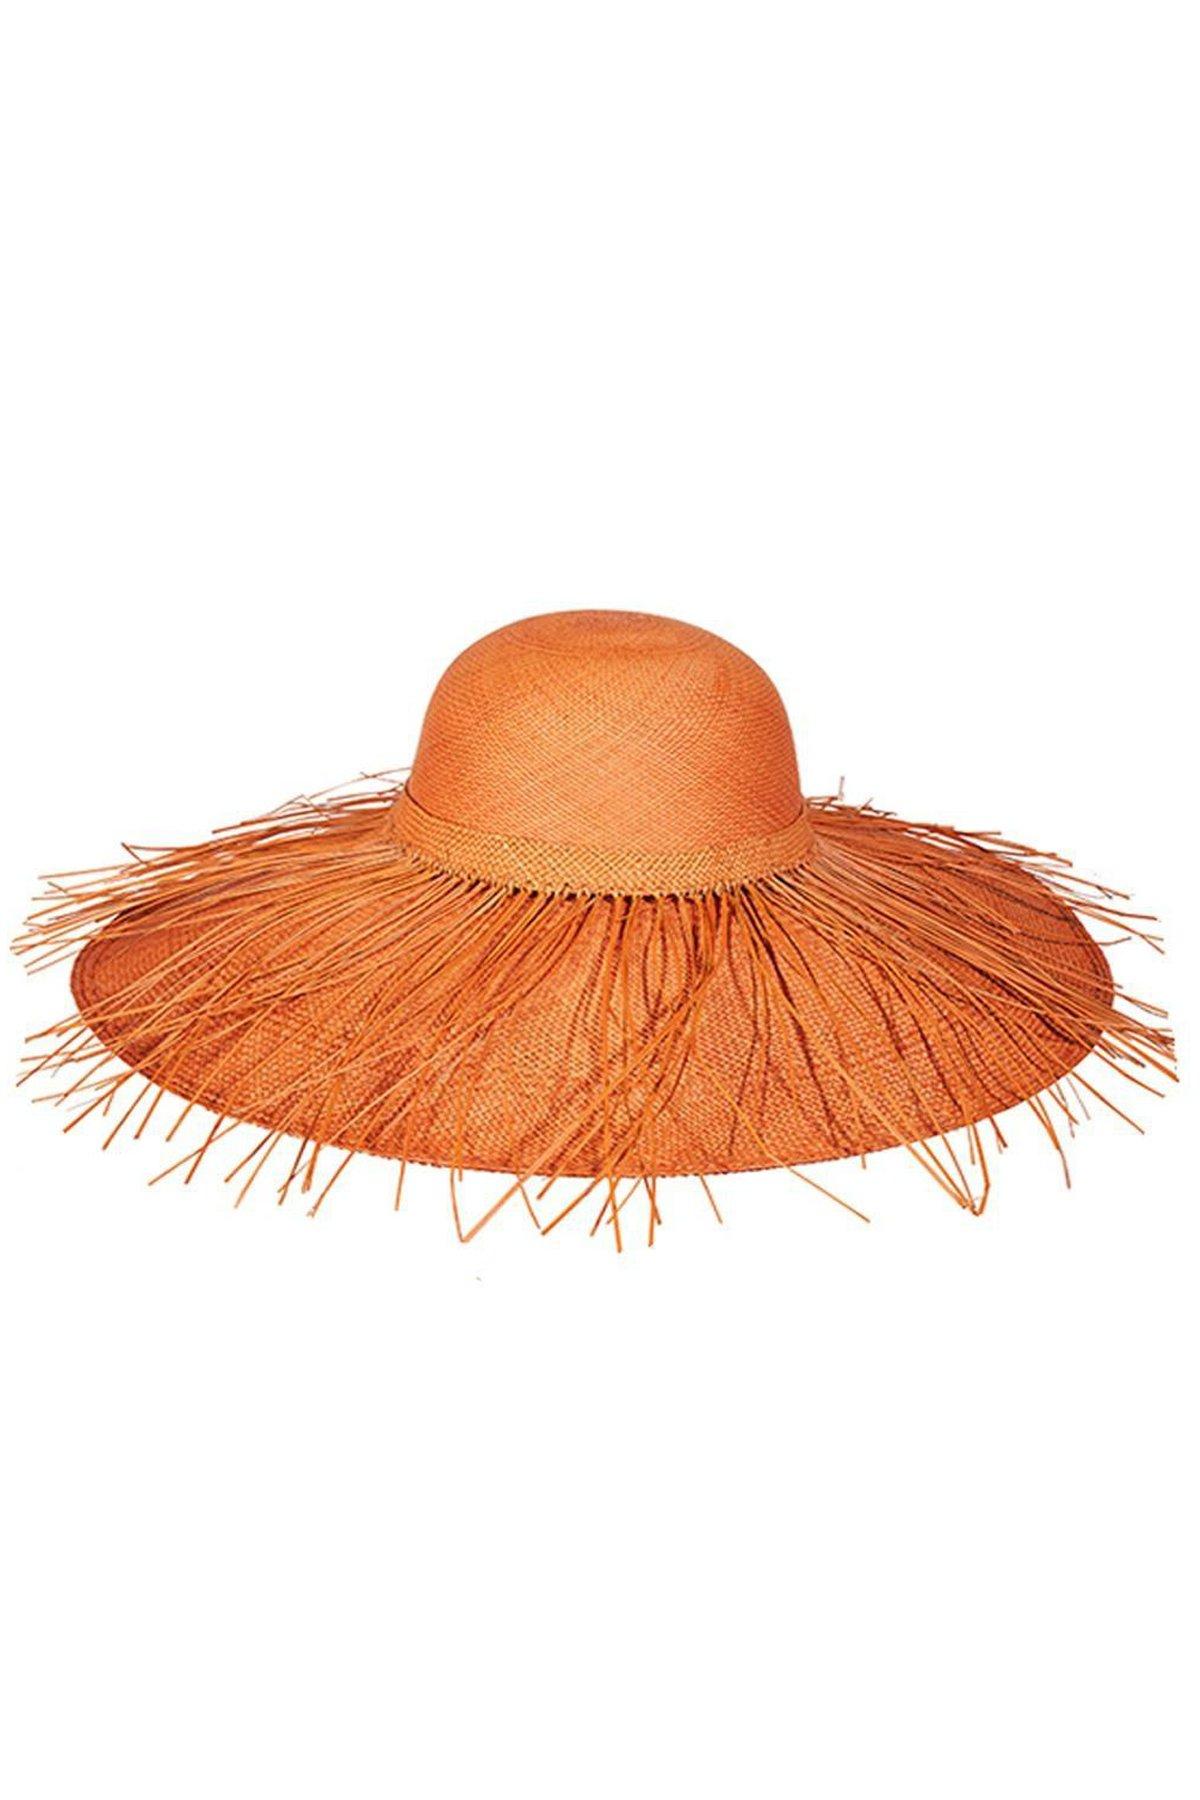 Erizo Straw Hat by Zonarch - 1